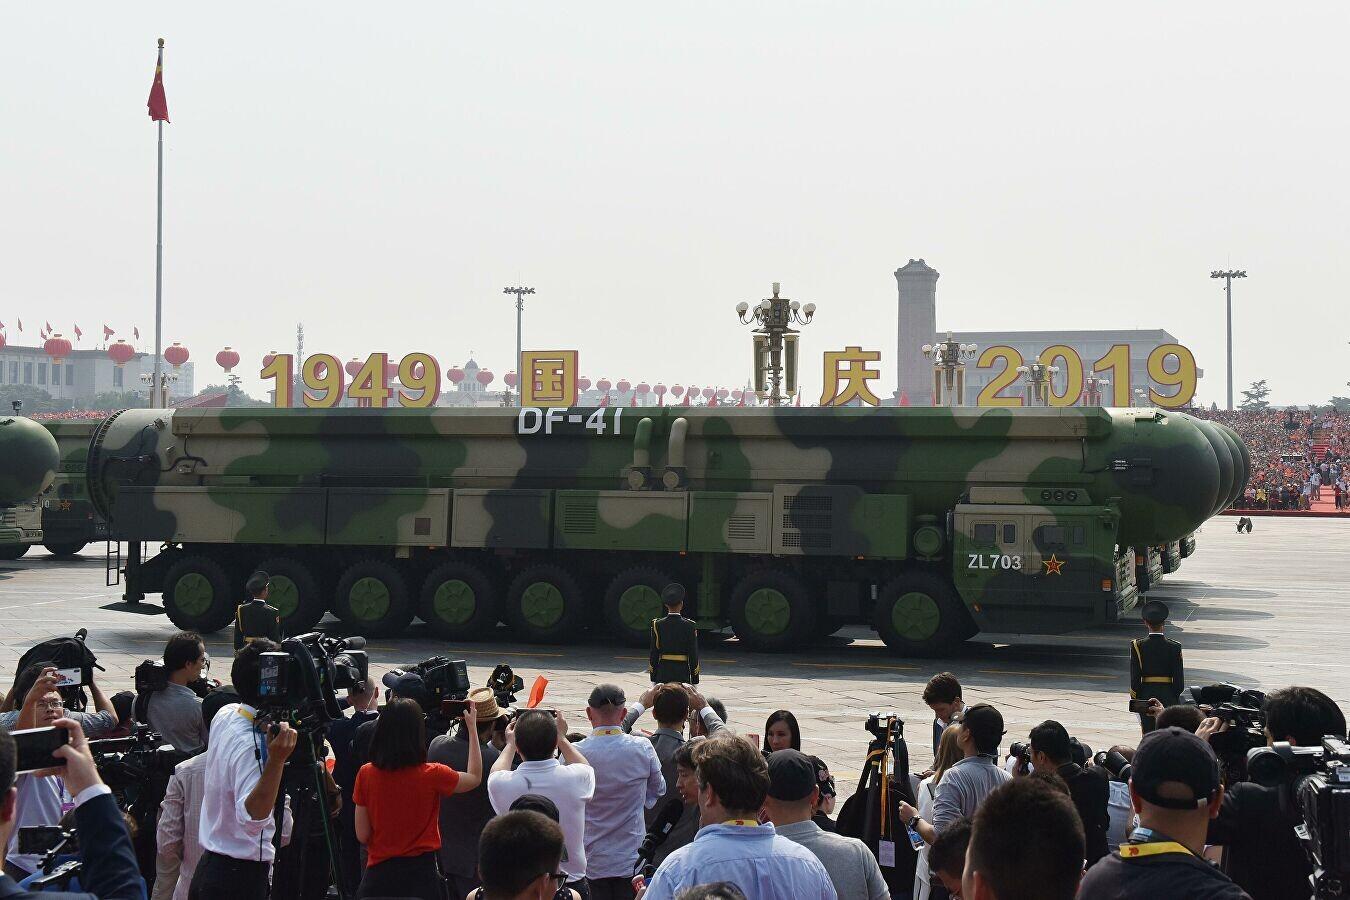 الثالوث النووي الصيني.. هل تستعد الصين لحرب كبيرة؟